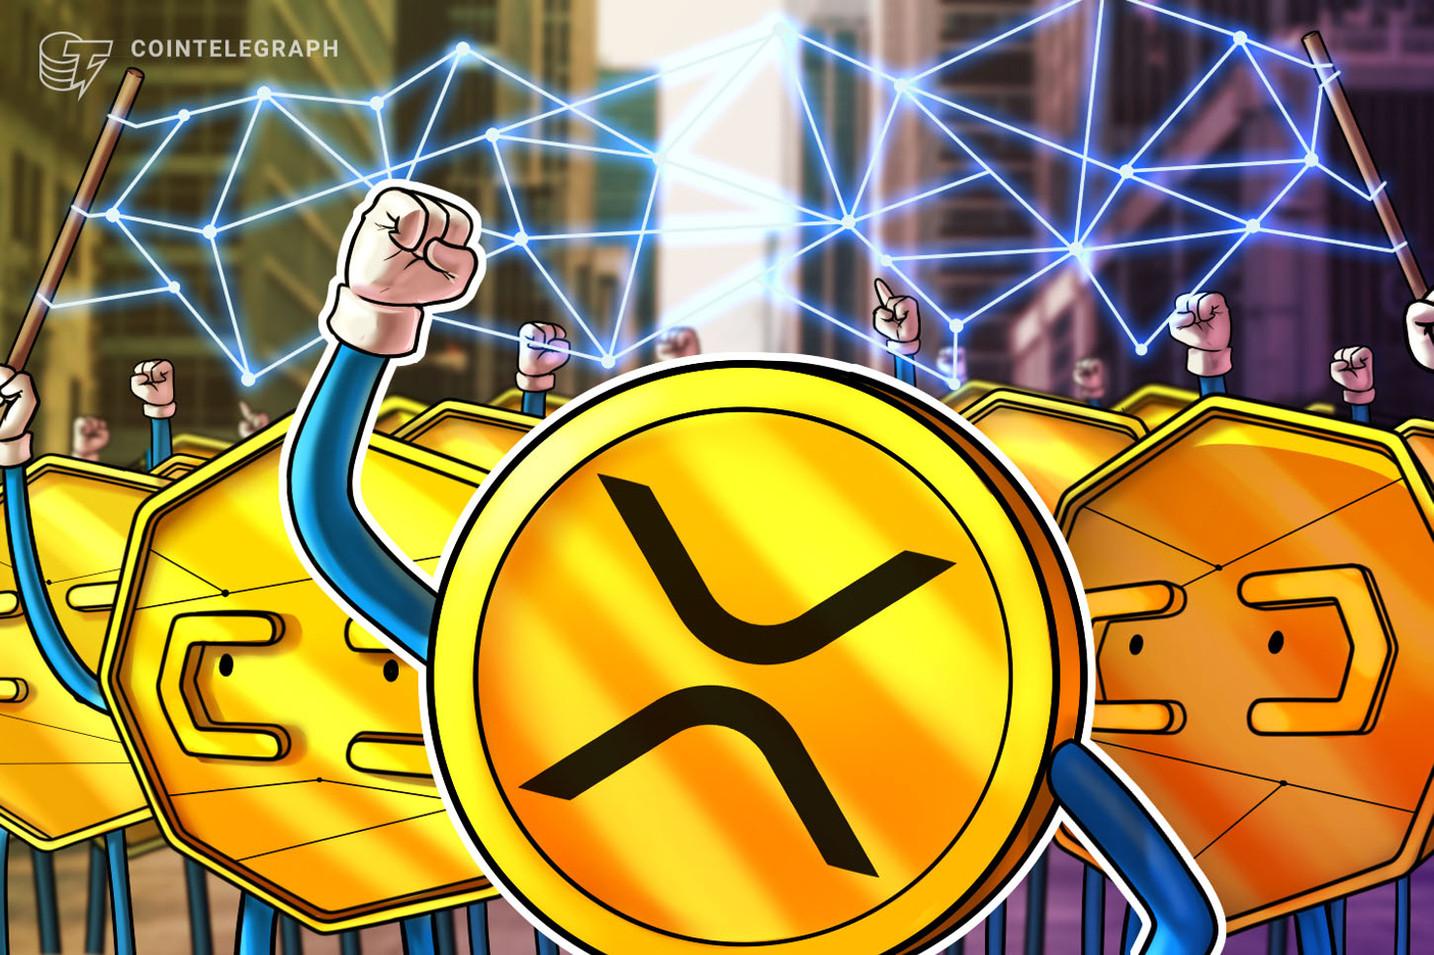 XRPペアが豊富な仮想通貨取引所ビットゥルー、ビットコインやリップル担保のローンを開始へ